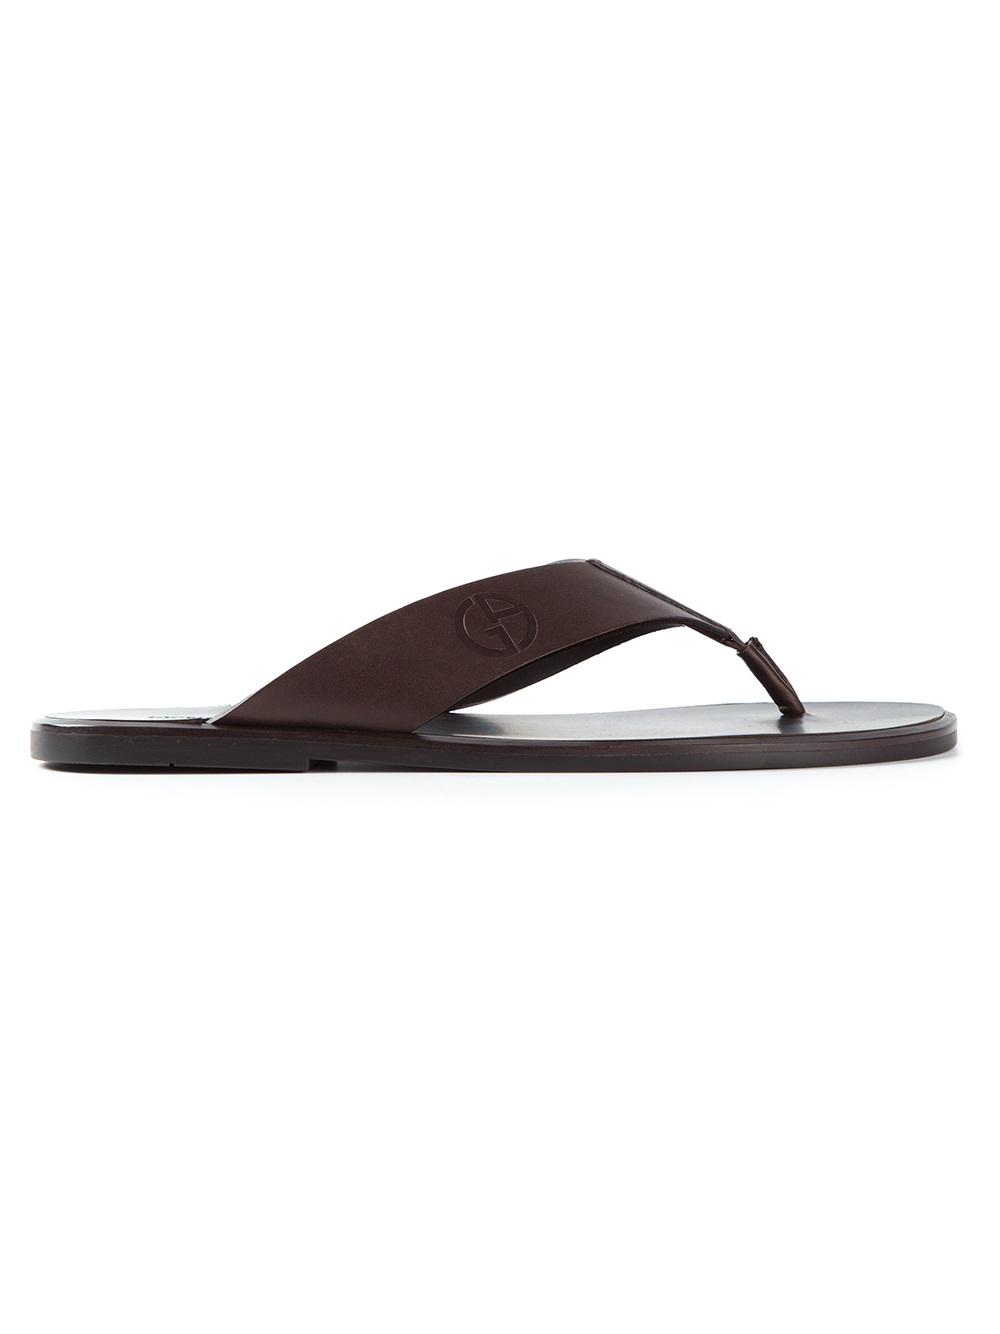 Armani Thong Sandals